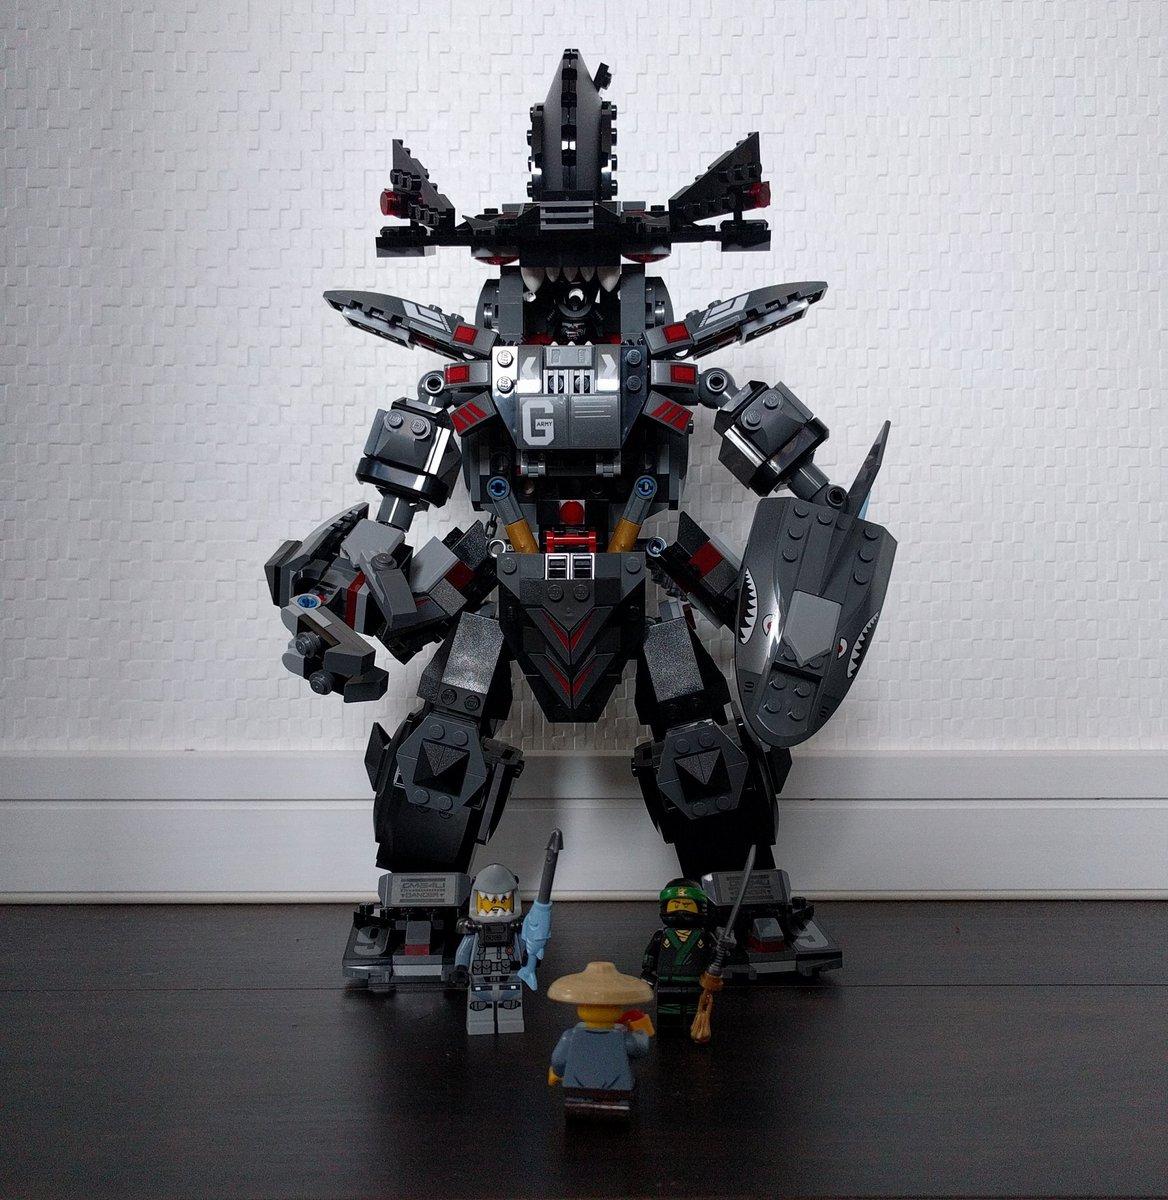 ガーマドンシャークメカと記念写真!   #レゴ #トイザらス#レゴニンジャゴー#LEGO#ninjago #ガーマドンシ